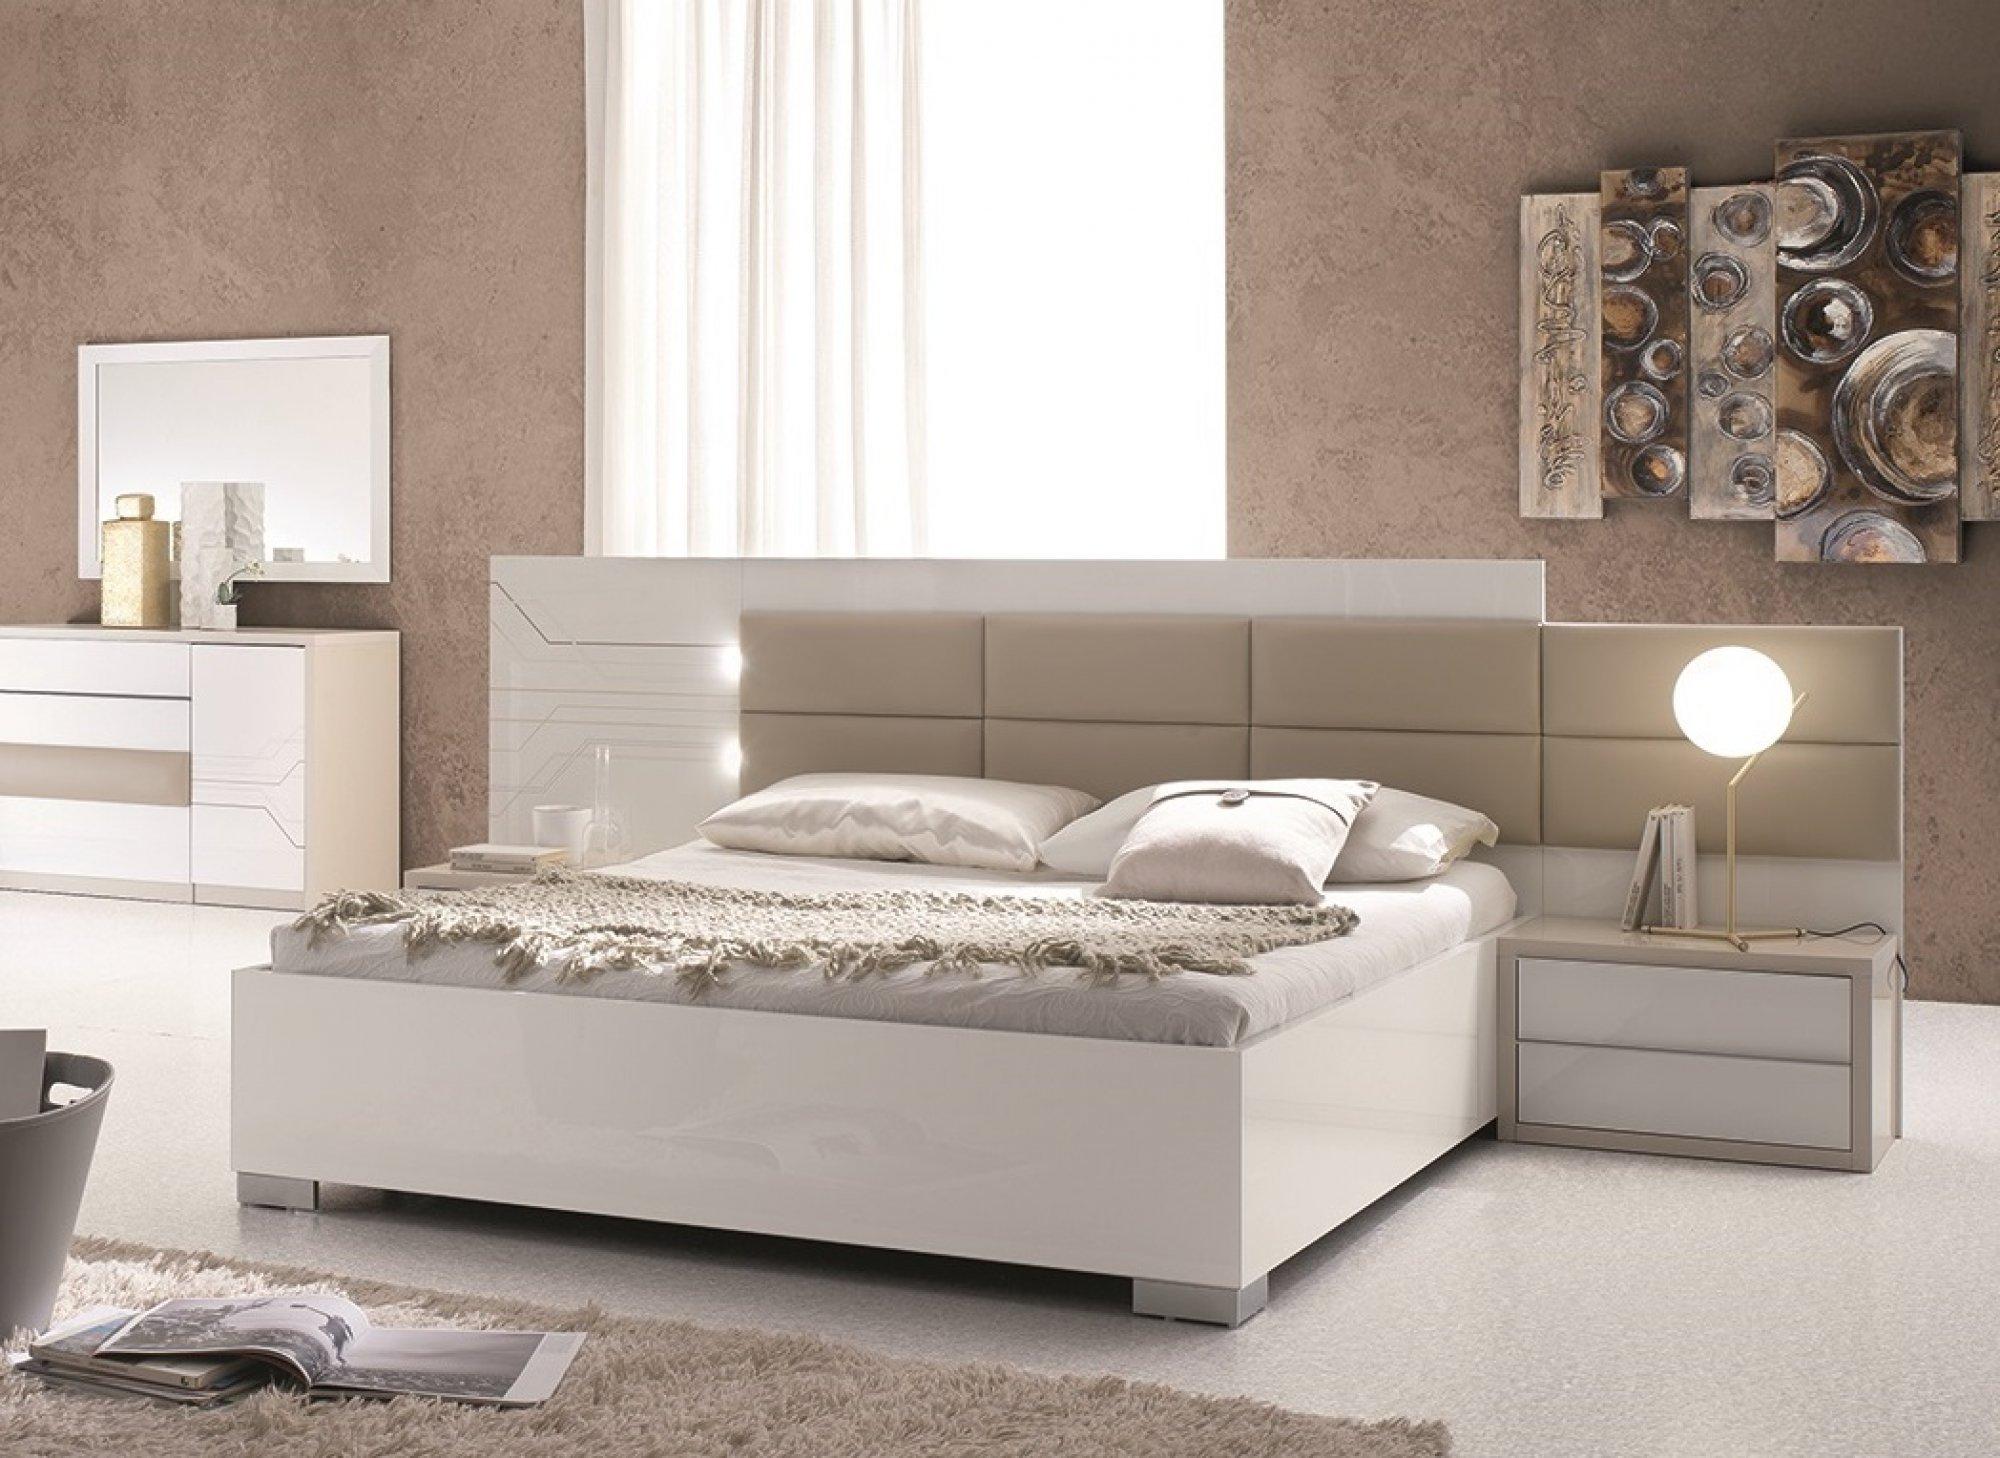 Italienische Barockmöbel   Sicher und schnell online günstig kaufen ...